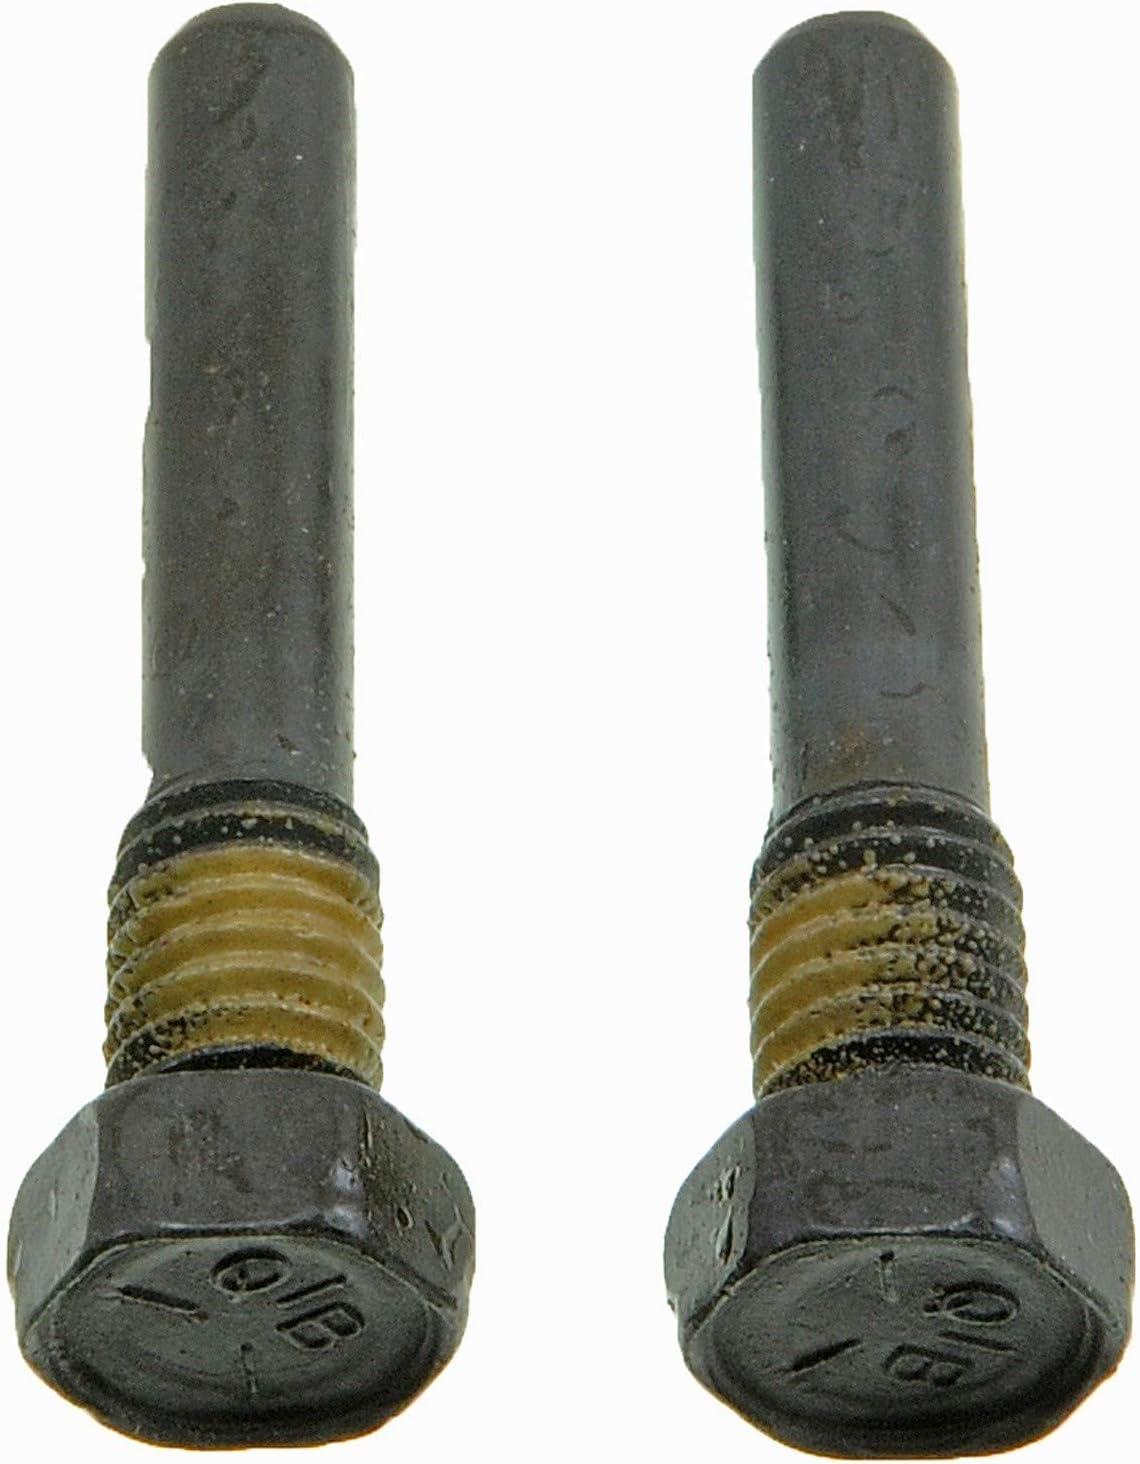 55552 Oversized Brake Caliper Bolt Dorman Help Pack of 2